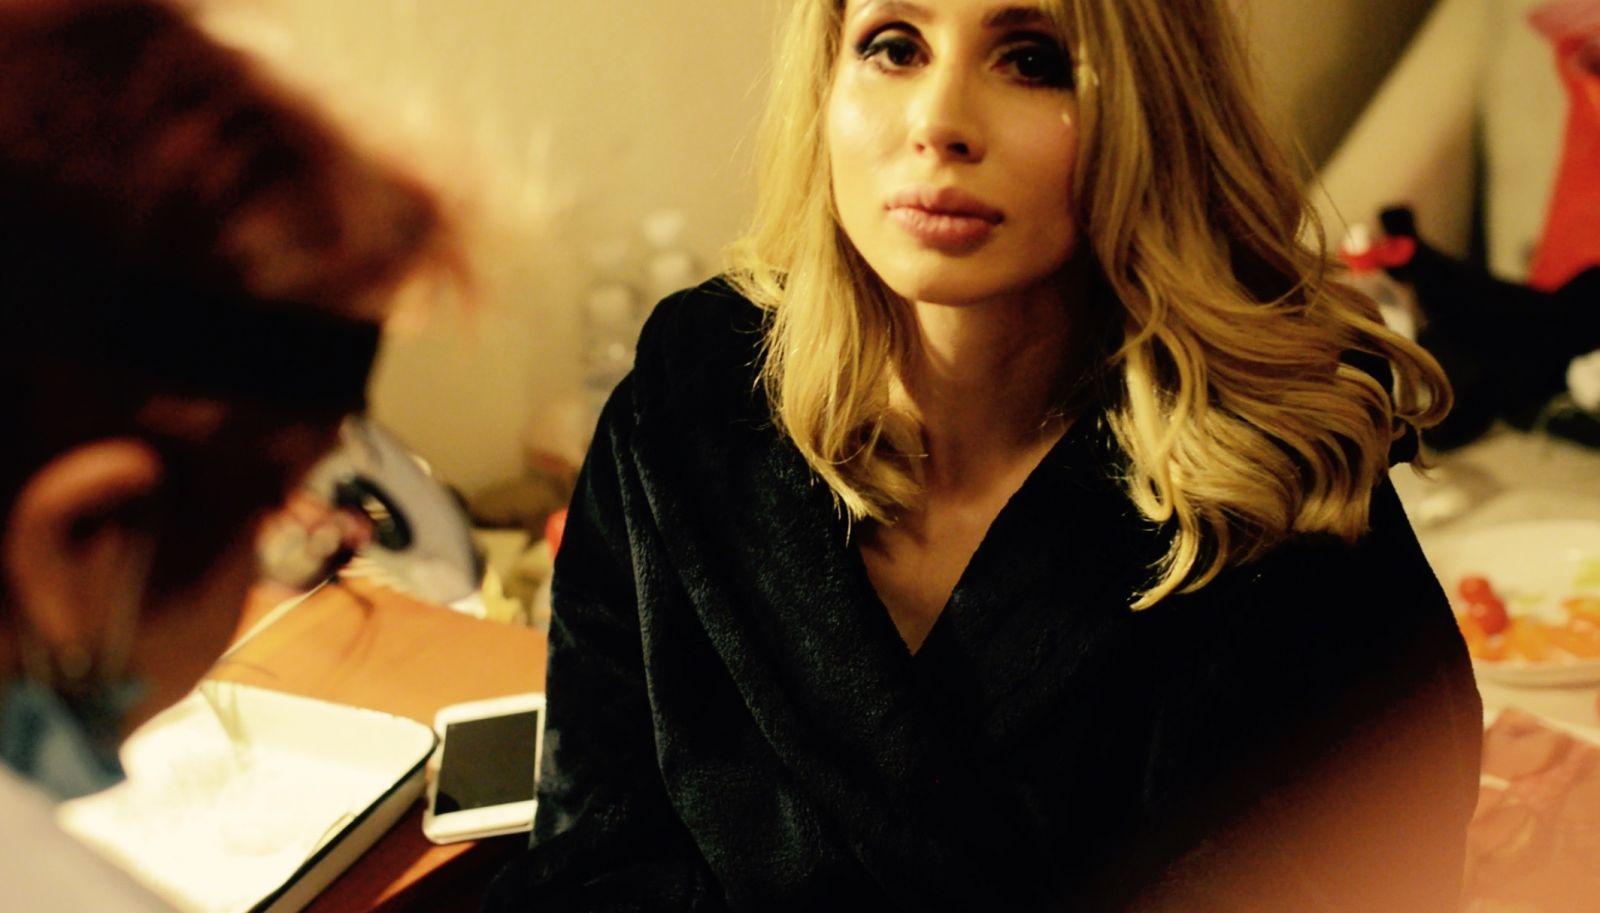 Светлана LOBODA довела себя до скорой: певице стало плохо из-за сильного переутомления - фото №1